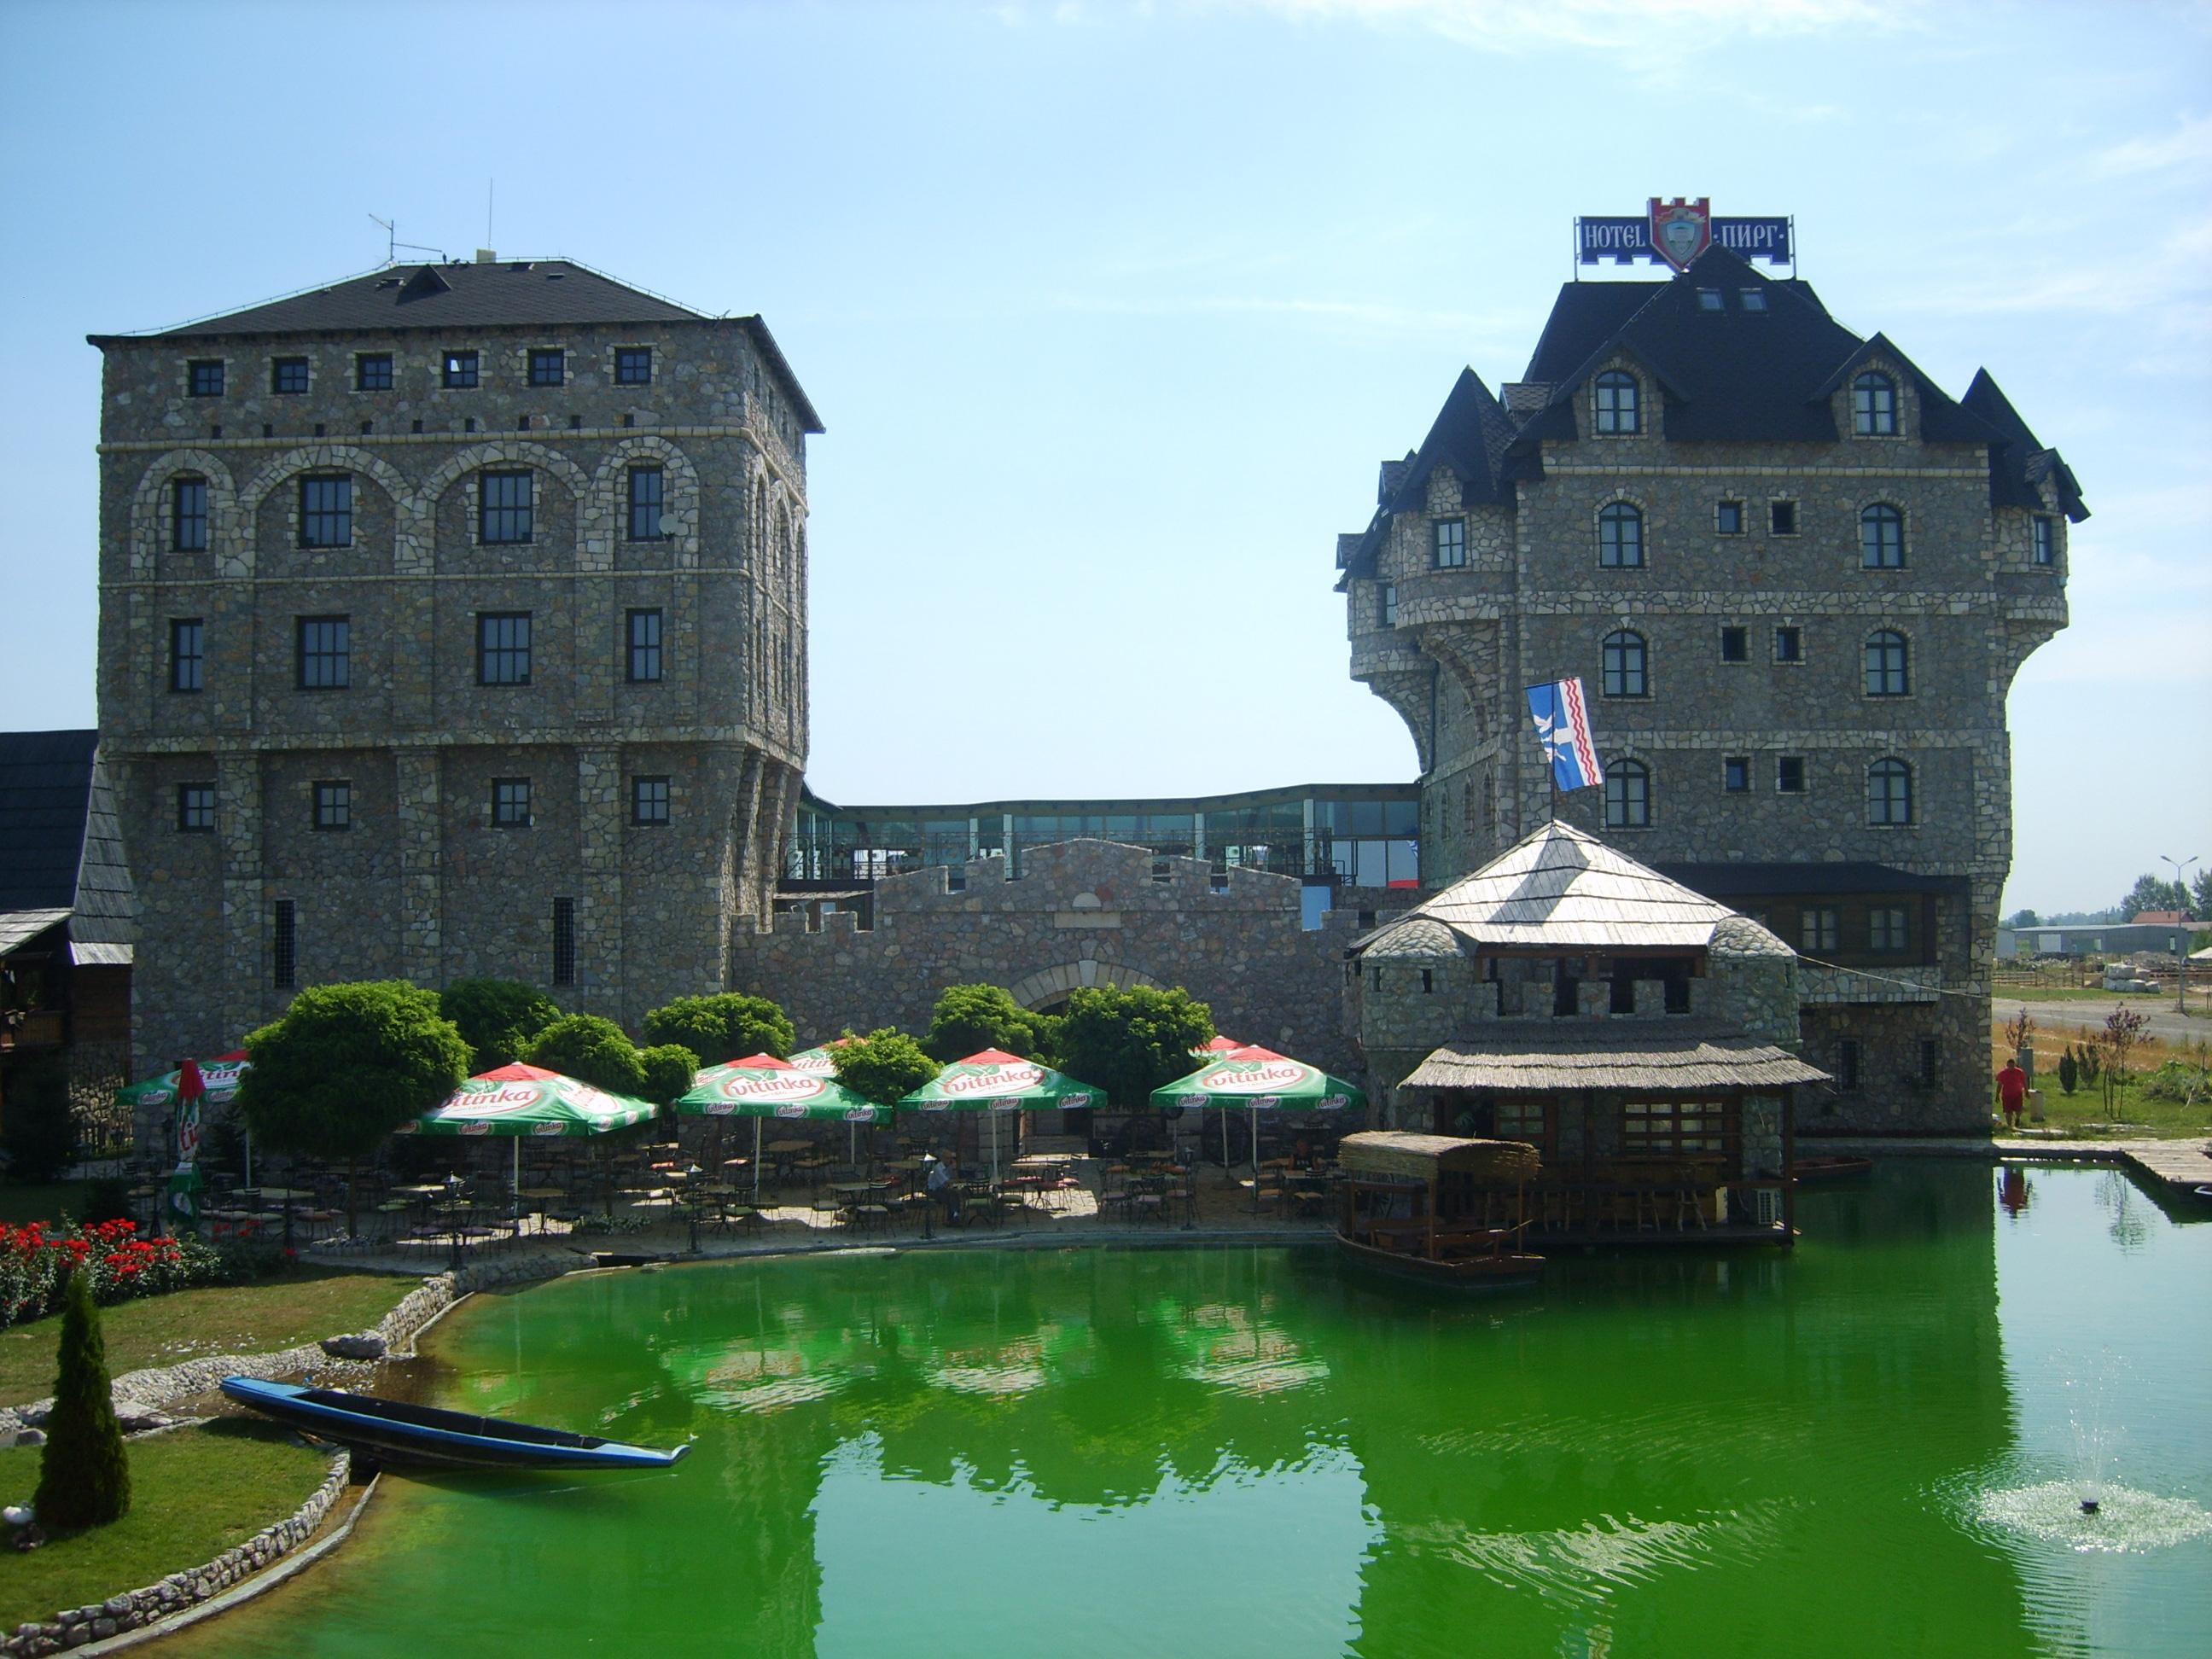 Ethno Village Stanisici - Hotel Pirg